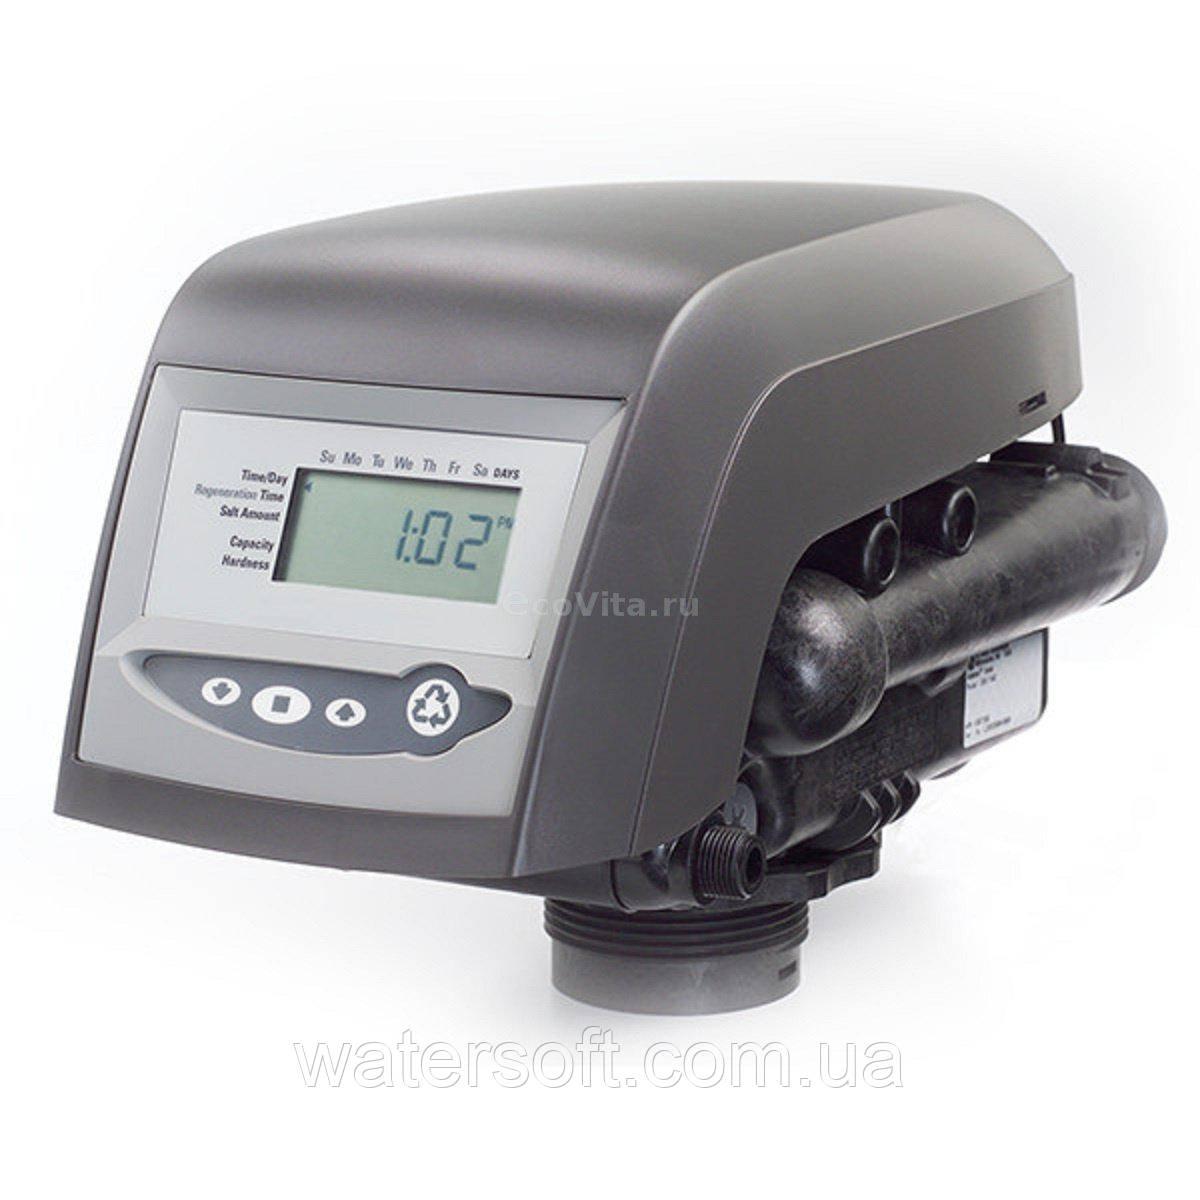 Автоматический уравляющий клапан AUTOTROL 255/960. Фильтры для воды